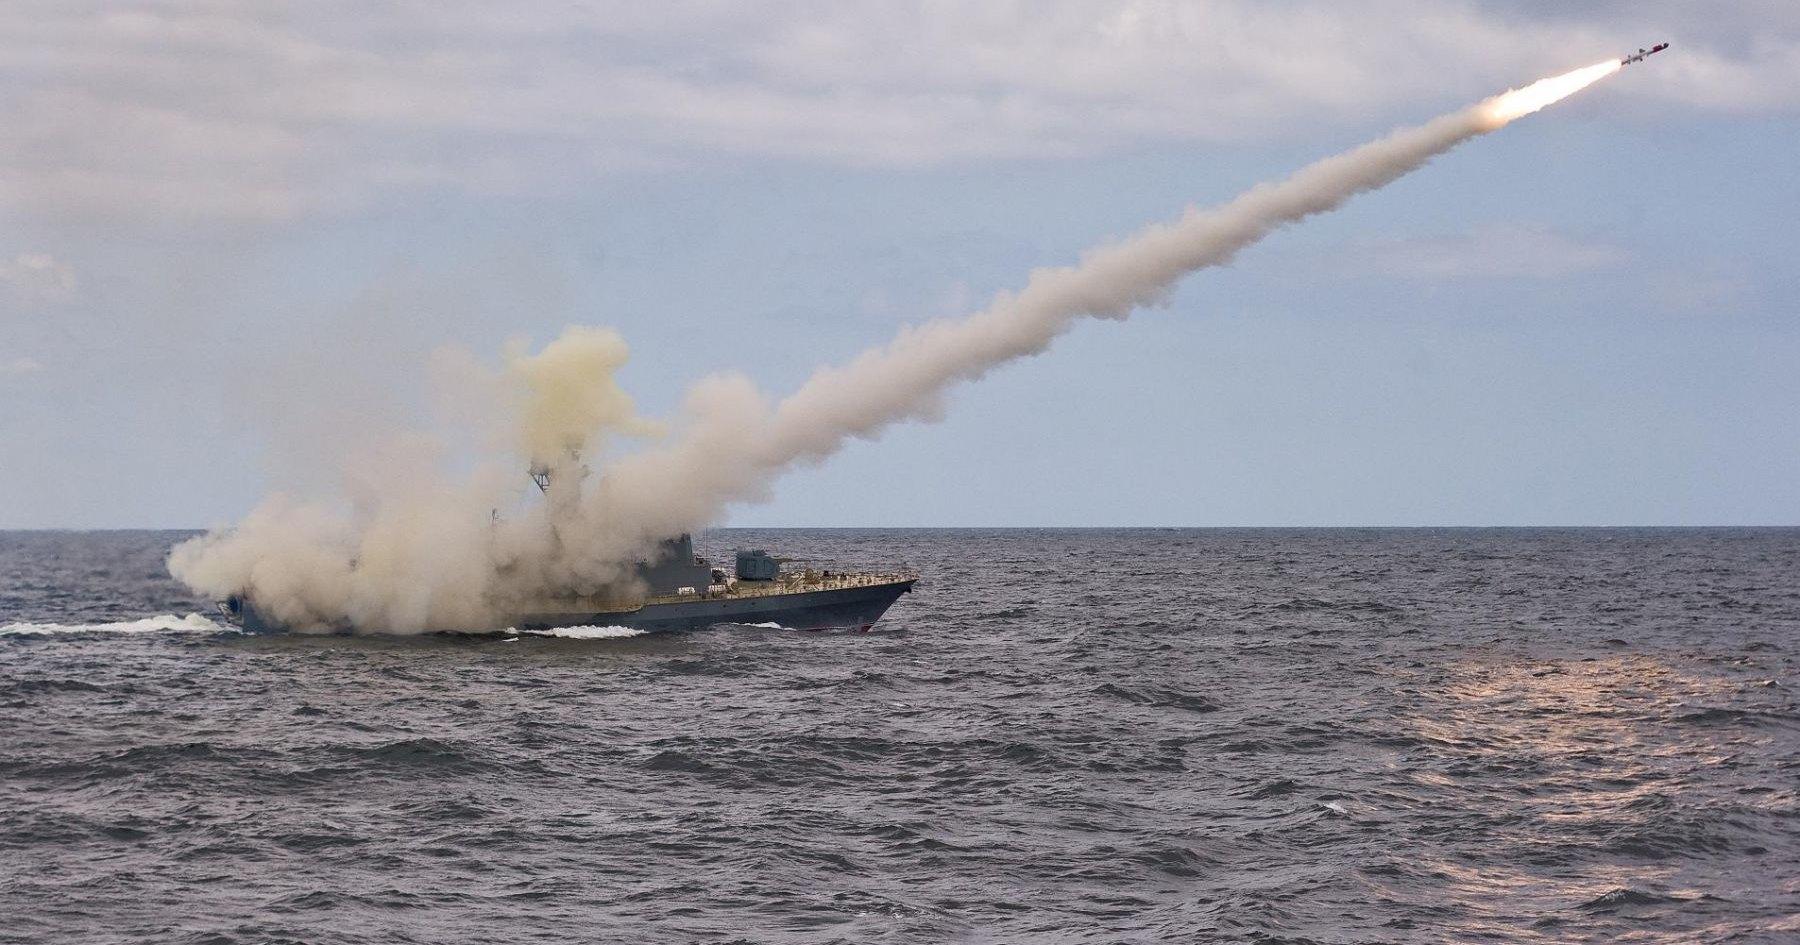 «Смерч» запустил «Уран» в Японском море: видео